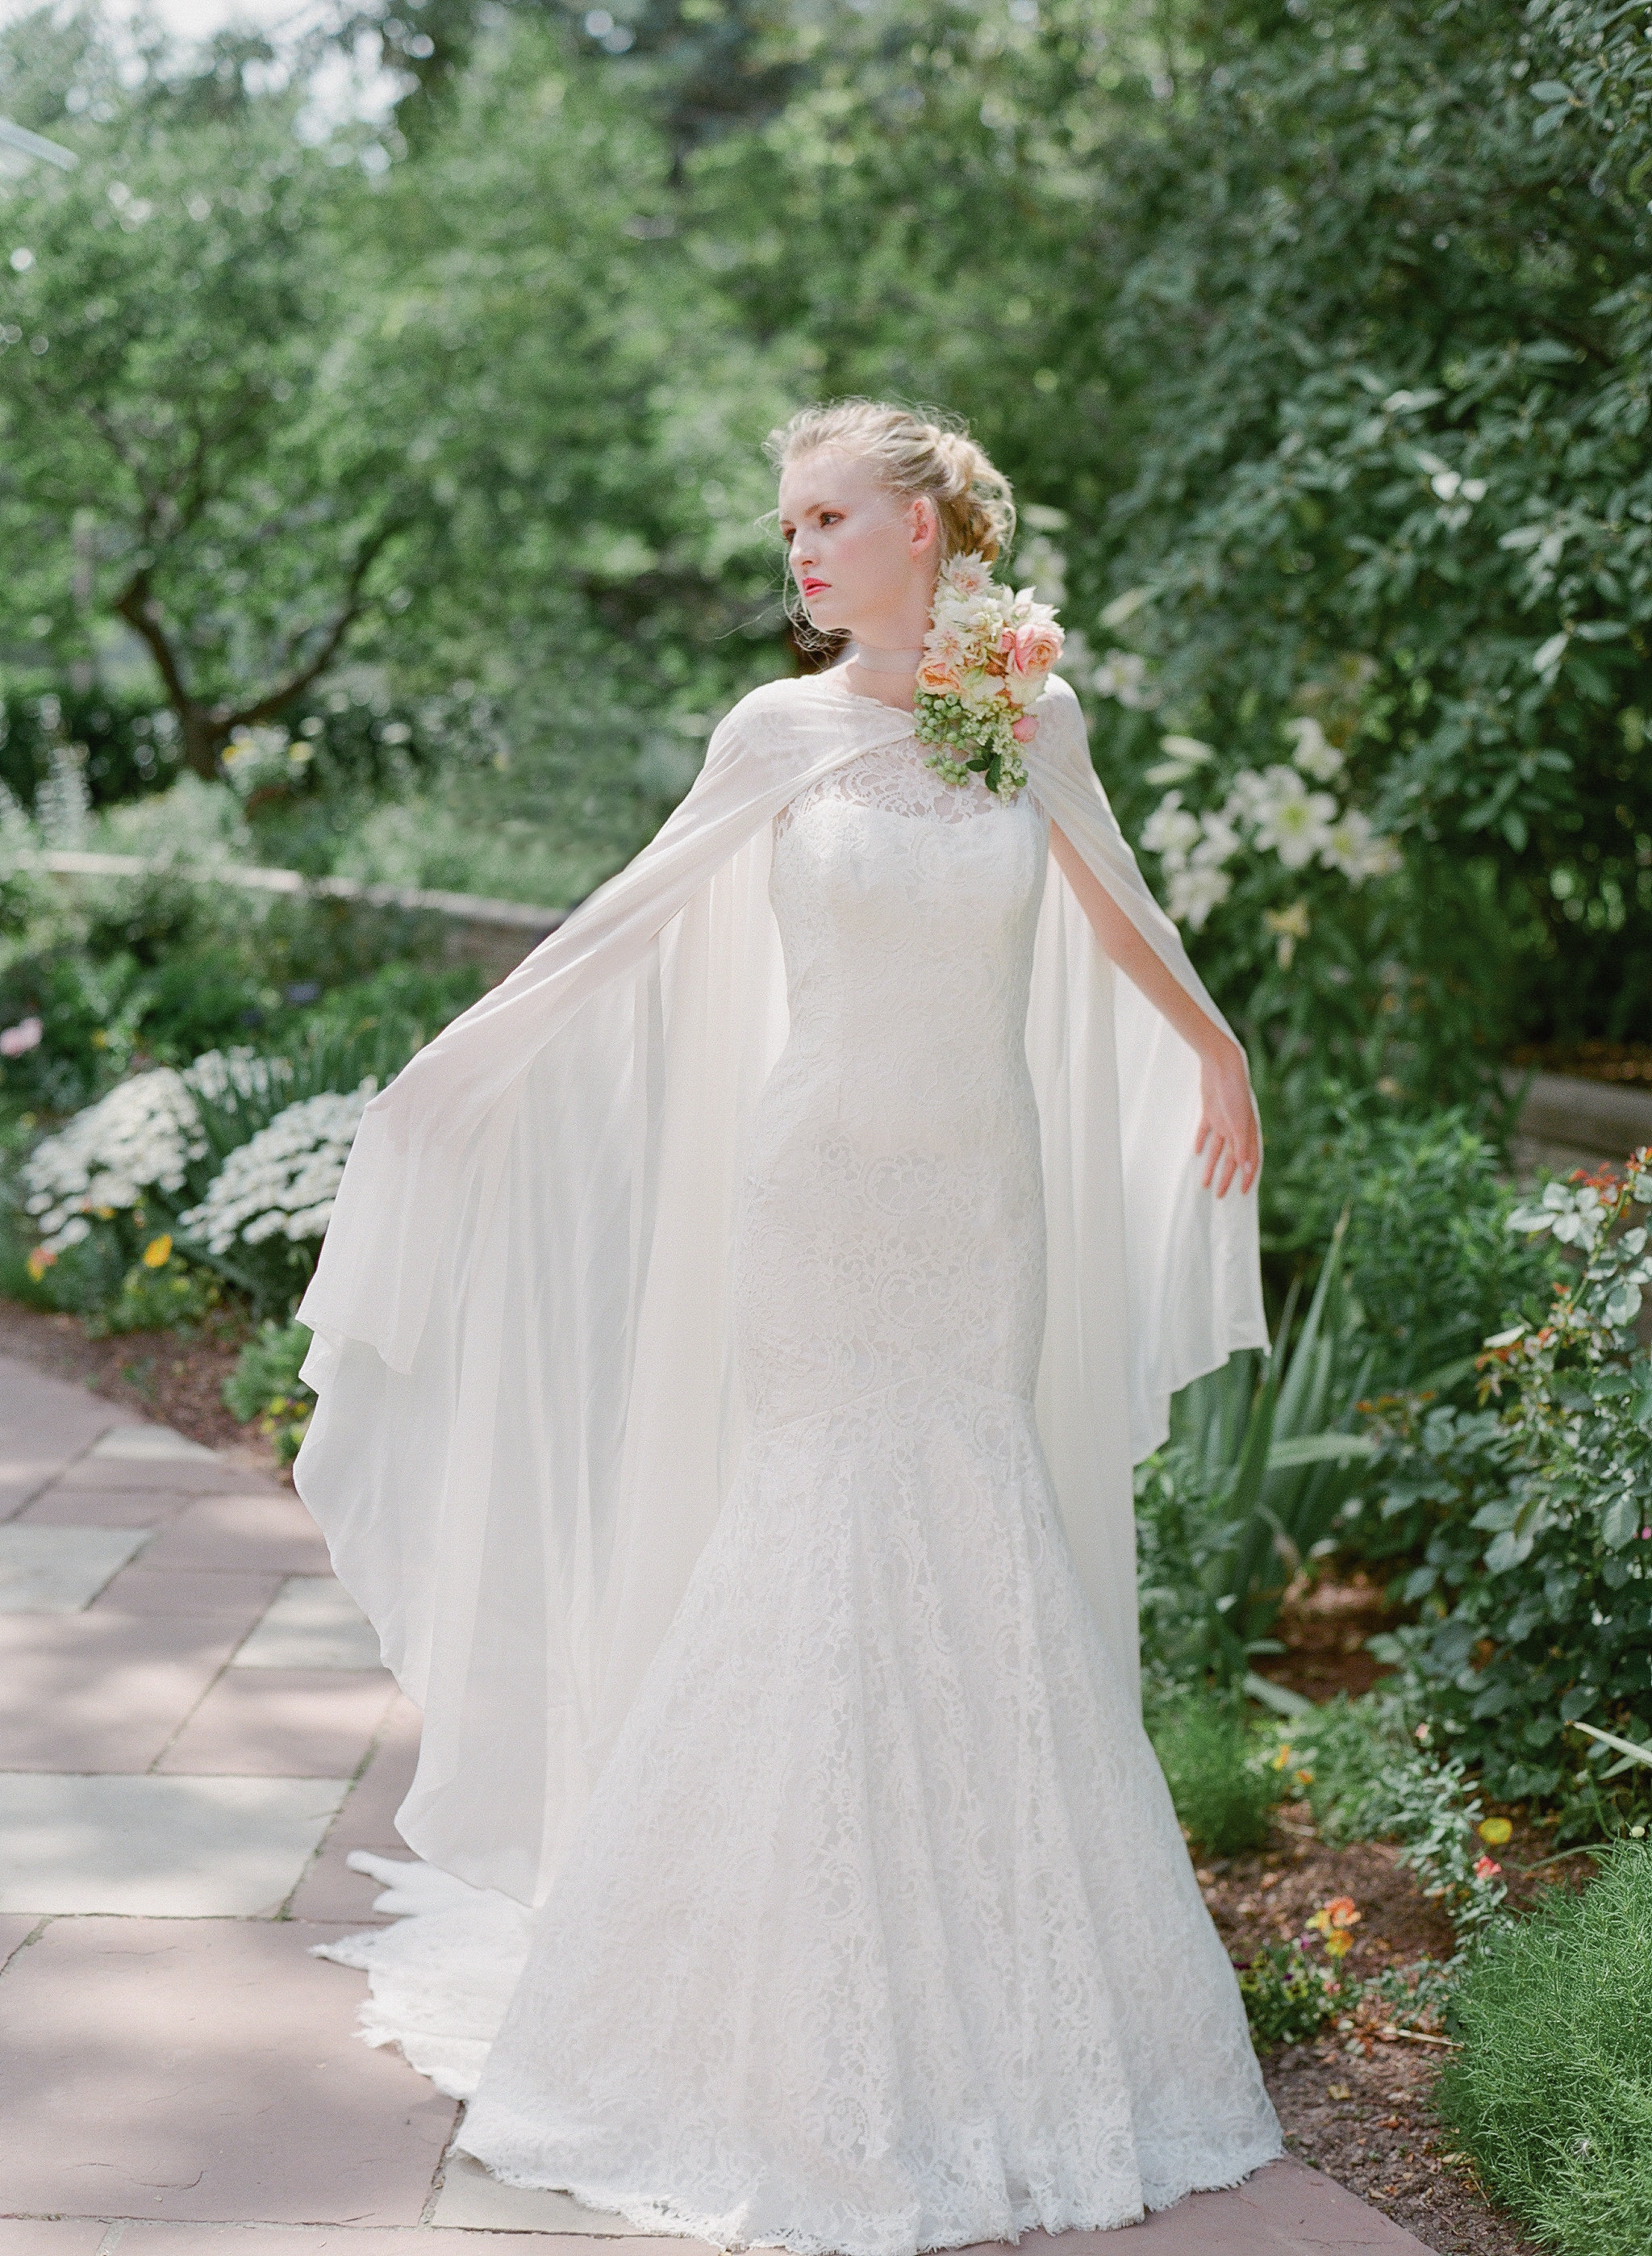 Jaclyn Jordan NY - Carrie King Photographer59.jpg